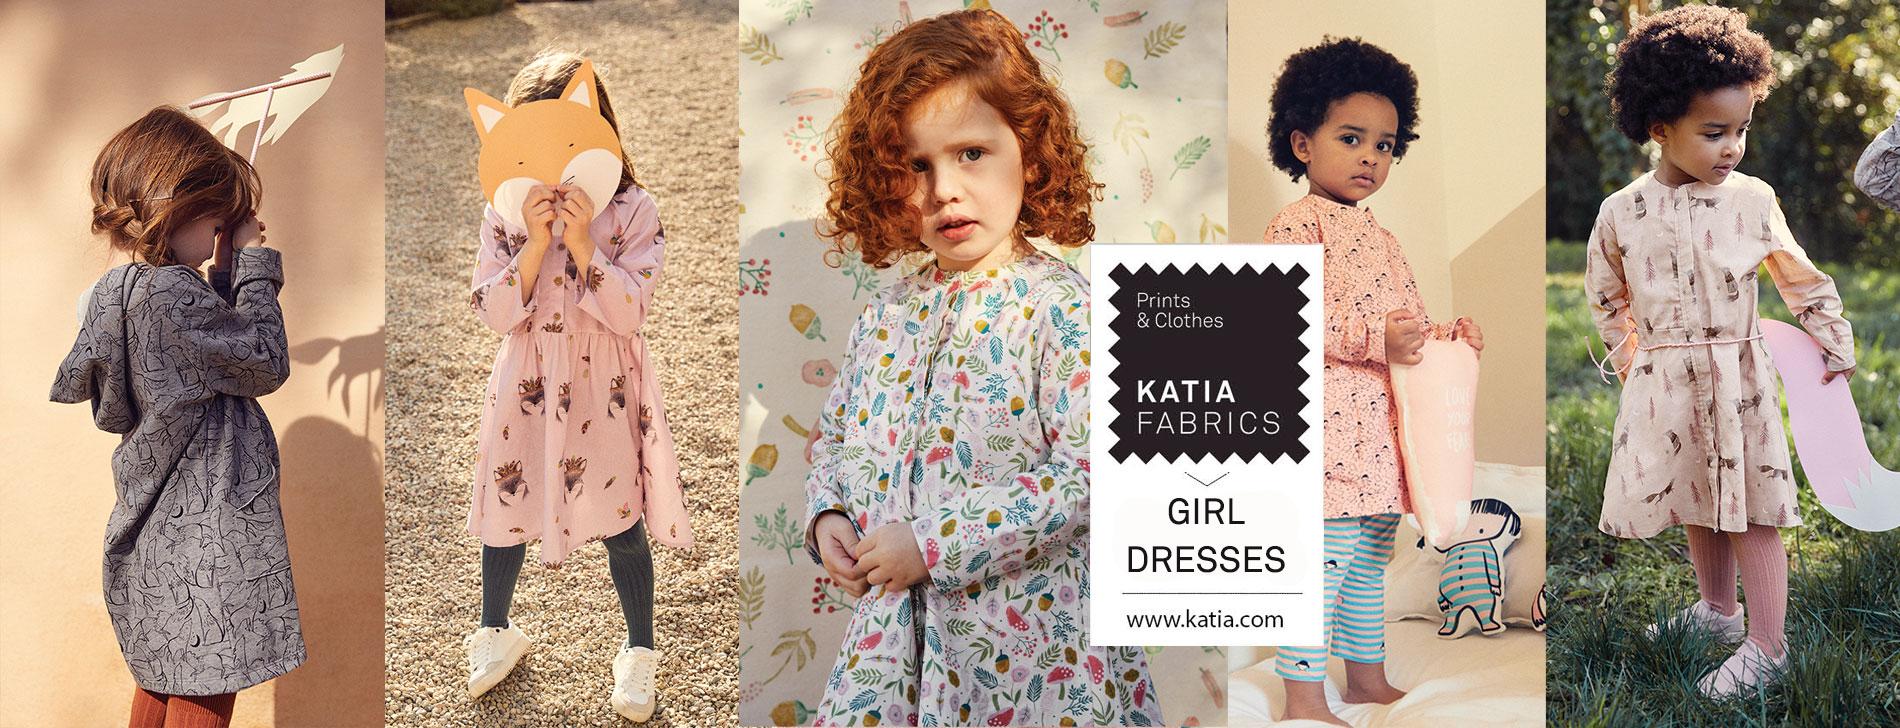 5 Girl dresses